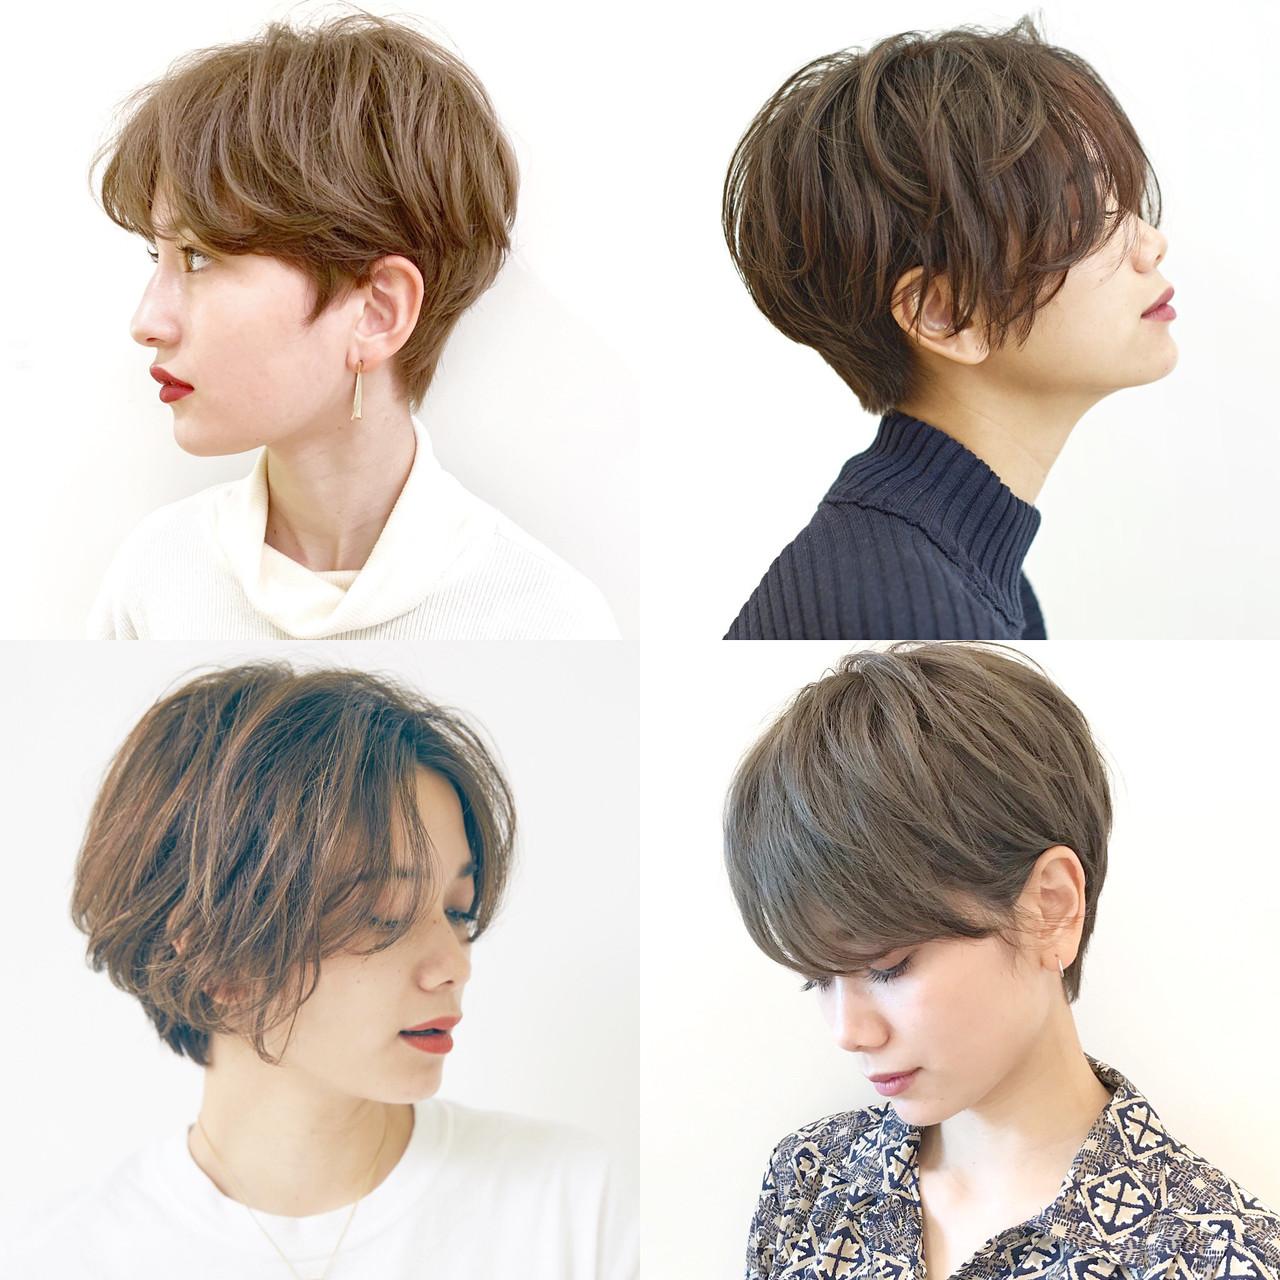 """大人気❗️『#中井ショート 3つのポイント?』 . . . ①『スッキリしてるけど女性らしい✨』 . ショートヘアで髪の毛をスッキリさせたいけど""""ボーイッシュになるのは嫌❗️""""という方は多いです。 . . . 中井ショートは襟足などはスッキリ短くしつつ、前髪や髪の表面は長めに残してカットするのがポイント✂️ . . . そうする事でスッキリしつつも柔らかさや丸みが出て、女性らしいショートヘアになります⭐️ . . . . ②『乾かすだけで形になる✨』 . ショートヘアにする理由で多いのが""""スタイリングを楽にしたい!""""というのが多いです? . . . 骨格や髪質に合わせたカットでドライヤーで髪を乾かすだけで形になるようにします? . . . 毎朝のスタイリングを簡単時短する事が可能です❗️ . . . . ③『骨格が綺麗に見える✨』 . 日本人はハチ張りや絶壁頭の方が多いです? . . . なので、髪の毛全体を短くしてしまうと骨格をカバー出来ません❌ . . . 骨格に合わせて髪の長さを残す部分と短くする部分の見極めが大切です✂️ . . . 骨格をカバーしつつ丸く綺麗なシルエットをカットで作ります✂︎ . . . ✅ショートヘアで失敗したくない. ✅スタイリングを簡単にしたい(まとまり良く、広がりにくい). ✅女性らしいショートヘアにしたい. ✅骨格をカバーしたい(絶壁、ハチ張り). ✅360度どこから見ても綺麗なシルエットが良い. ✅似合うショートヘアがわからない. ✅他のサロンでショートヘア失敗された. . 等という方は 『 #美容師ナカイヒロキ にお任せ下さい❗️』 . . . 『9割以上のお客様がショートヘア✂️』 . 僕の担当しているお客様の9割以上がショートヘア〜ボブスタイル? . . . 特に20〜30代の女性のお客様が多いです? . . . 初めてショートヘアにする方などは『絶対に失敗出来ないから!』と言って、わざわざ遠くから武蔵小杉まで来て頂く事も多いです? . . . 最近はインスタを、見てご来店される方がとても増えてます❗️ . . . そんな状況を本当に嬉しく思っていて、期待に応えられる様に1人ひとりと真剣に向き合ってカットしてます✂️ . . . 僕の作ったショートヘアはこちらをご覧下さい 【 #中井ショート 】 . . . . 【美容師歴7年】. . 同世代では1番早い、1年8ヶ月でスタイリストデビュー後、ショートヘアに特化してきました✂️ . . . ショートヘアに拘りを持ち続けた結果、新規指名数&ショートヘアのオーダー率は全店No.1❗️ . . . 360度どこから見ても、丸みのある綺麗なショートヘアが得意です✨ . . . ショートヘアは正面だけではなく、サイドや後ろ姿も大切だと思います❗️ . . . . 『✂️実績✂️』 . 『TOKYO BEAUTY CONGRESS 2015』 審査員賞. 『TOKYO BEAUTY CONGRESS 2015』 ジャーナル賞. 『TOKYO BEAUTY CONGRESS 2016』準グランプリ. 『TOKYO BEAUTY CONGRESS 2016』 審査員賞. 『HAIR COLOR LIVE CONTEST 2017』 優秀賞. 『 hoyu×ar カラコレ'16 ar賞』. 『 hoyu×ar カラコレ'17 いいね賞』 . その他、社内外で多数受賞❗️ . . . サロンでお客様の髪をカットしているのが1番好きですが、全国の美容師同士がテクニックやデザインを競い合うヘアコンテストもワクワクするので好きです? . . . コンテストで競い合った、テクニックや拘りが今の自分のベースになっています❗️ . . . . 『✨ご予約方法はこちら✨』. . 『?WEB予約の場合?』. プロフィールのURLから24時間好きな時にWEB予約が出来ます?. . ホットペッパー等には掲載していないので、WEB予約は公式HPからのみ可能です? . . . 『☎️電話予約の場合☎️』. プロフィール欄の""""電話する""""ボタンを押して頂くか、☎︎044-863-9808までお願い致します✨ . 予約専門のレセプションがご対応させて頂きます?♀️ ※WEB予約が埋まっている場合でも、電話をして頂ければ予約が取れる事があります。 . . . カット6600円. . カラー(一色染め)9100円〜. . カラー(ハイライト)6100円〜. ※カラーはヘアカラー専門のカラーリストが担当致します。. . . . 『✂︎kakimotoarms武蔵小杉店✂︎ 』 . . 神奈川県川崎市中原区新丸子東3-1302. ららテラス 武蔵小杉4F. (東横線武蔵小杉駅南口2より直結)."""